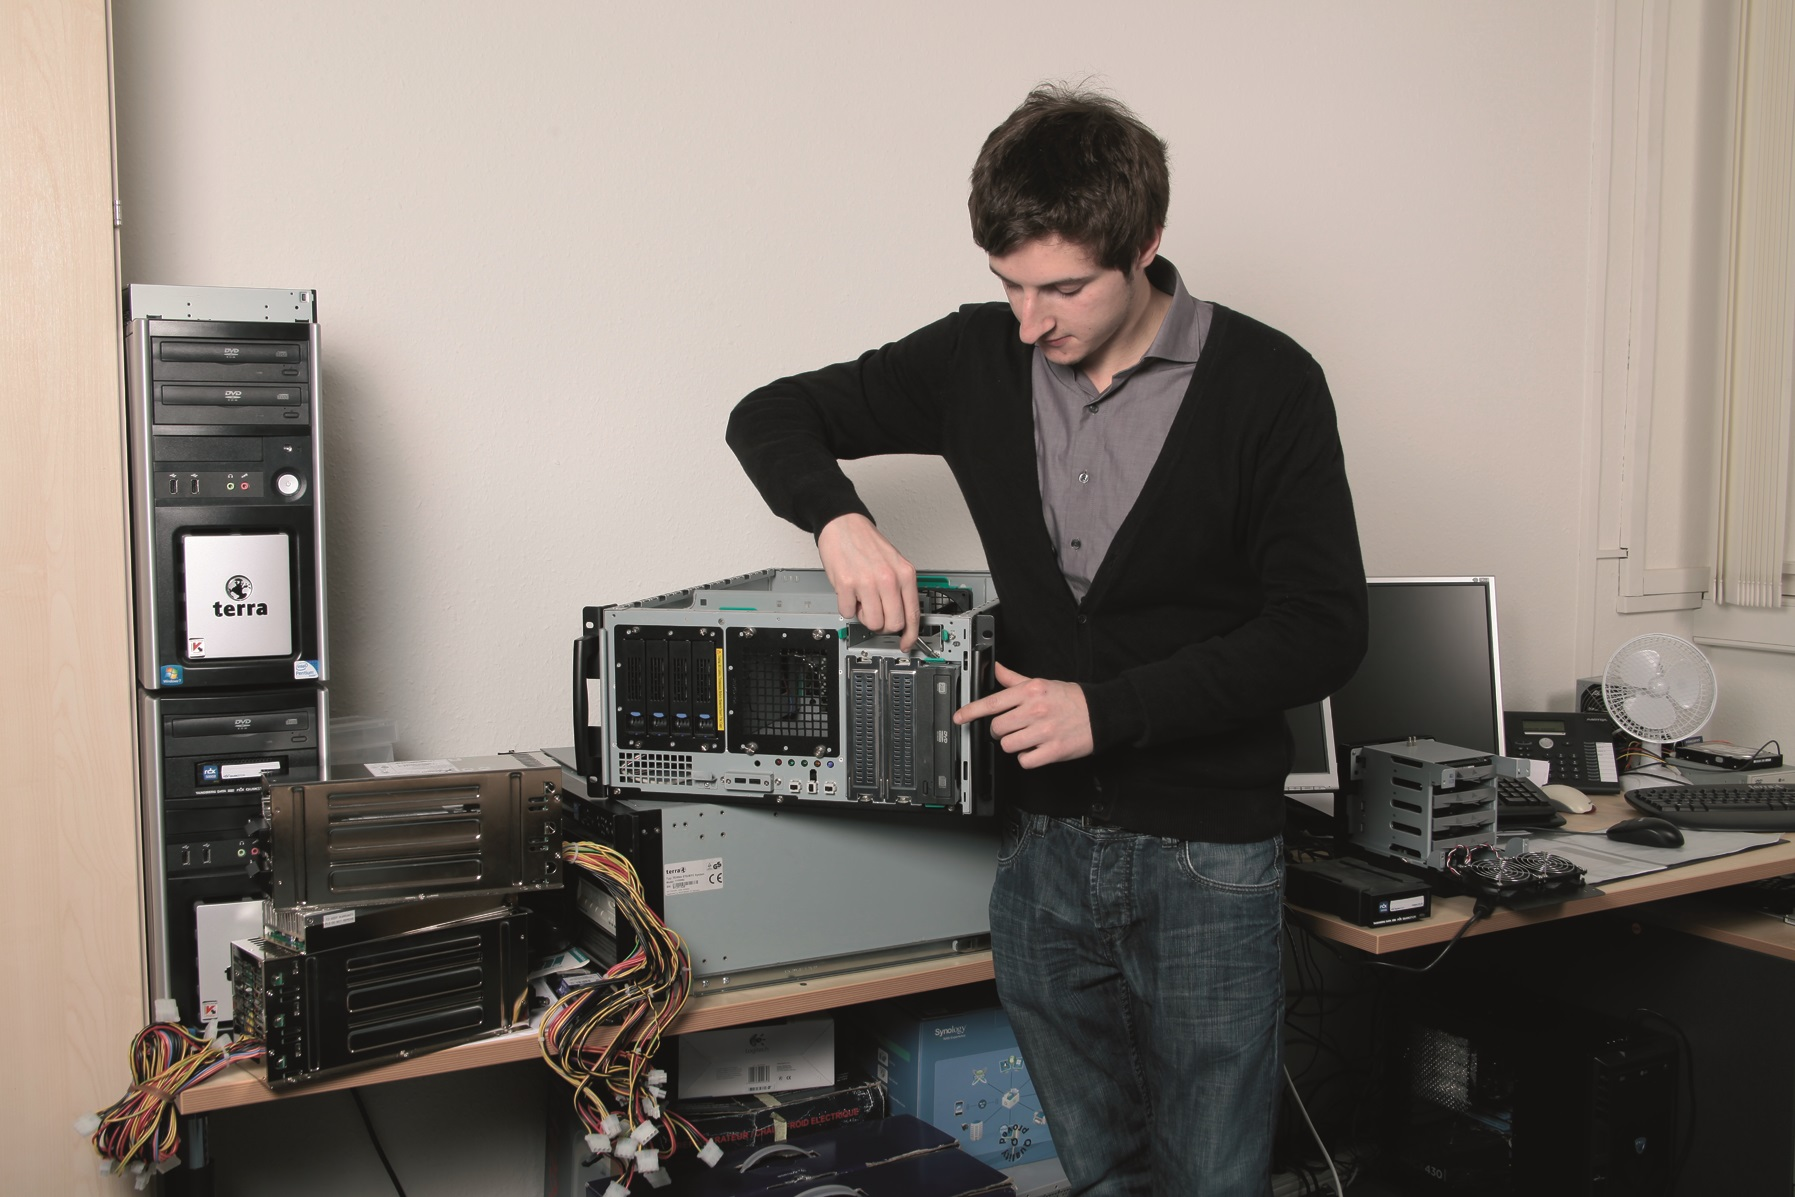 Bild Mitarbeiter der IT repariert einen Computer